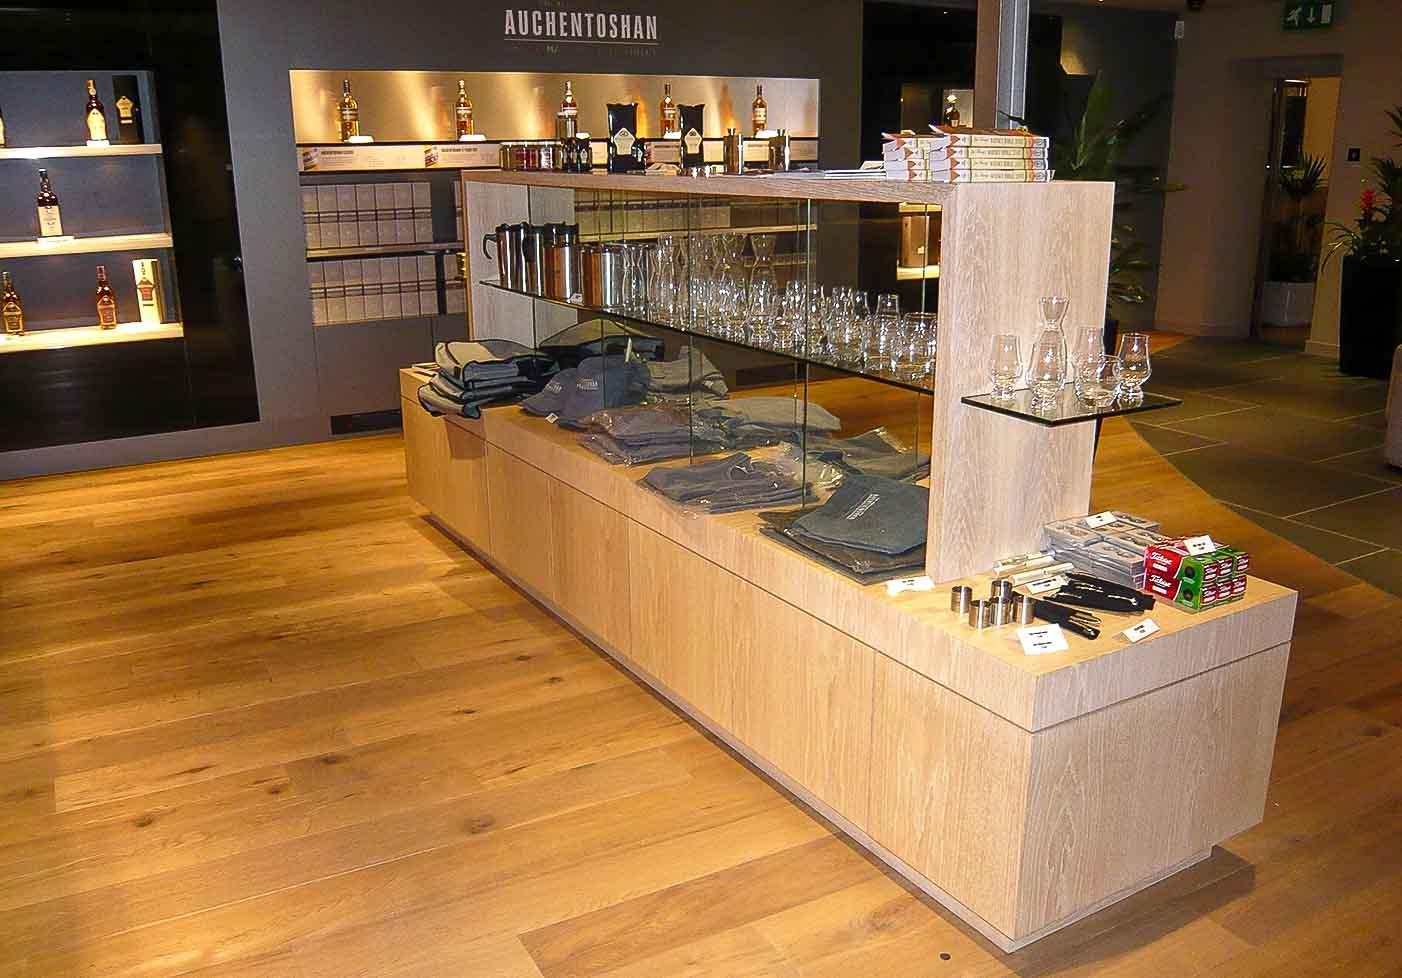 Auchentoshan - Custom Made Distilleries Furniture Design & Manufacture | Jack Hyams